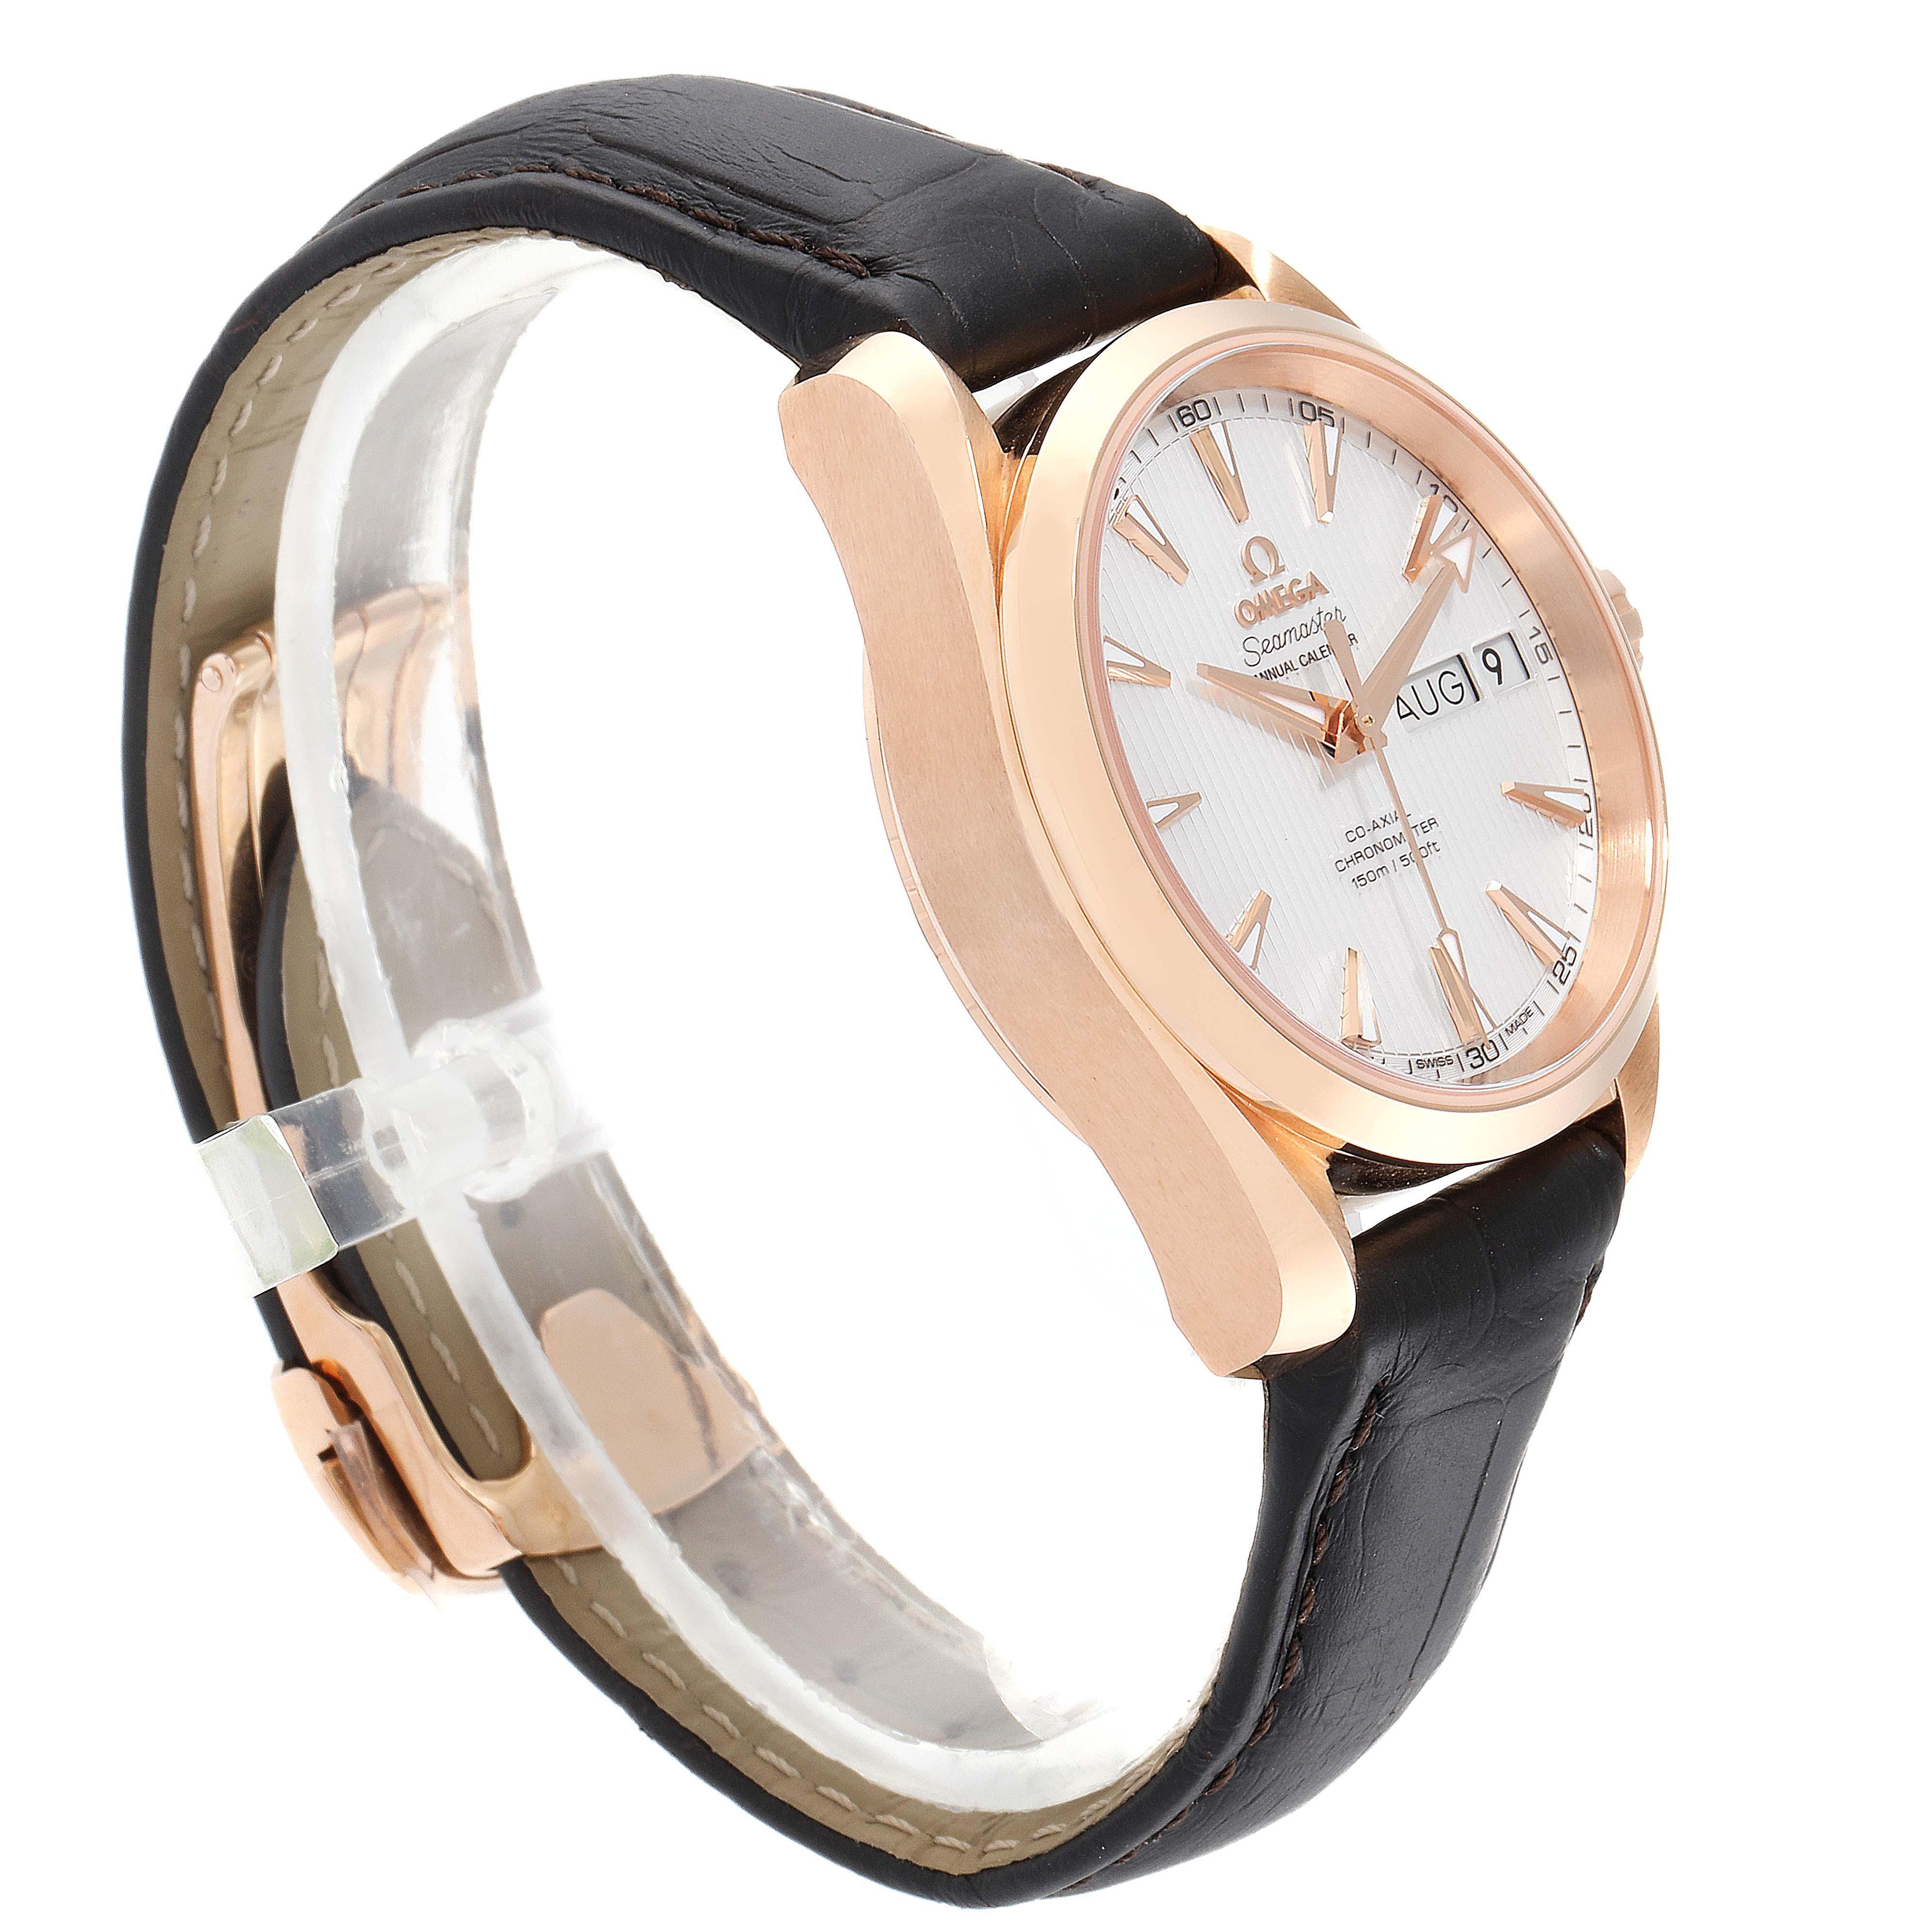 Omega Aqua Terra Annual Calendar Rose Gold Watch 231.53.39.22.02.001 Unworn SwissWatchExpo